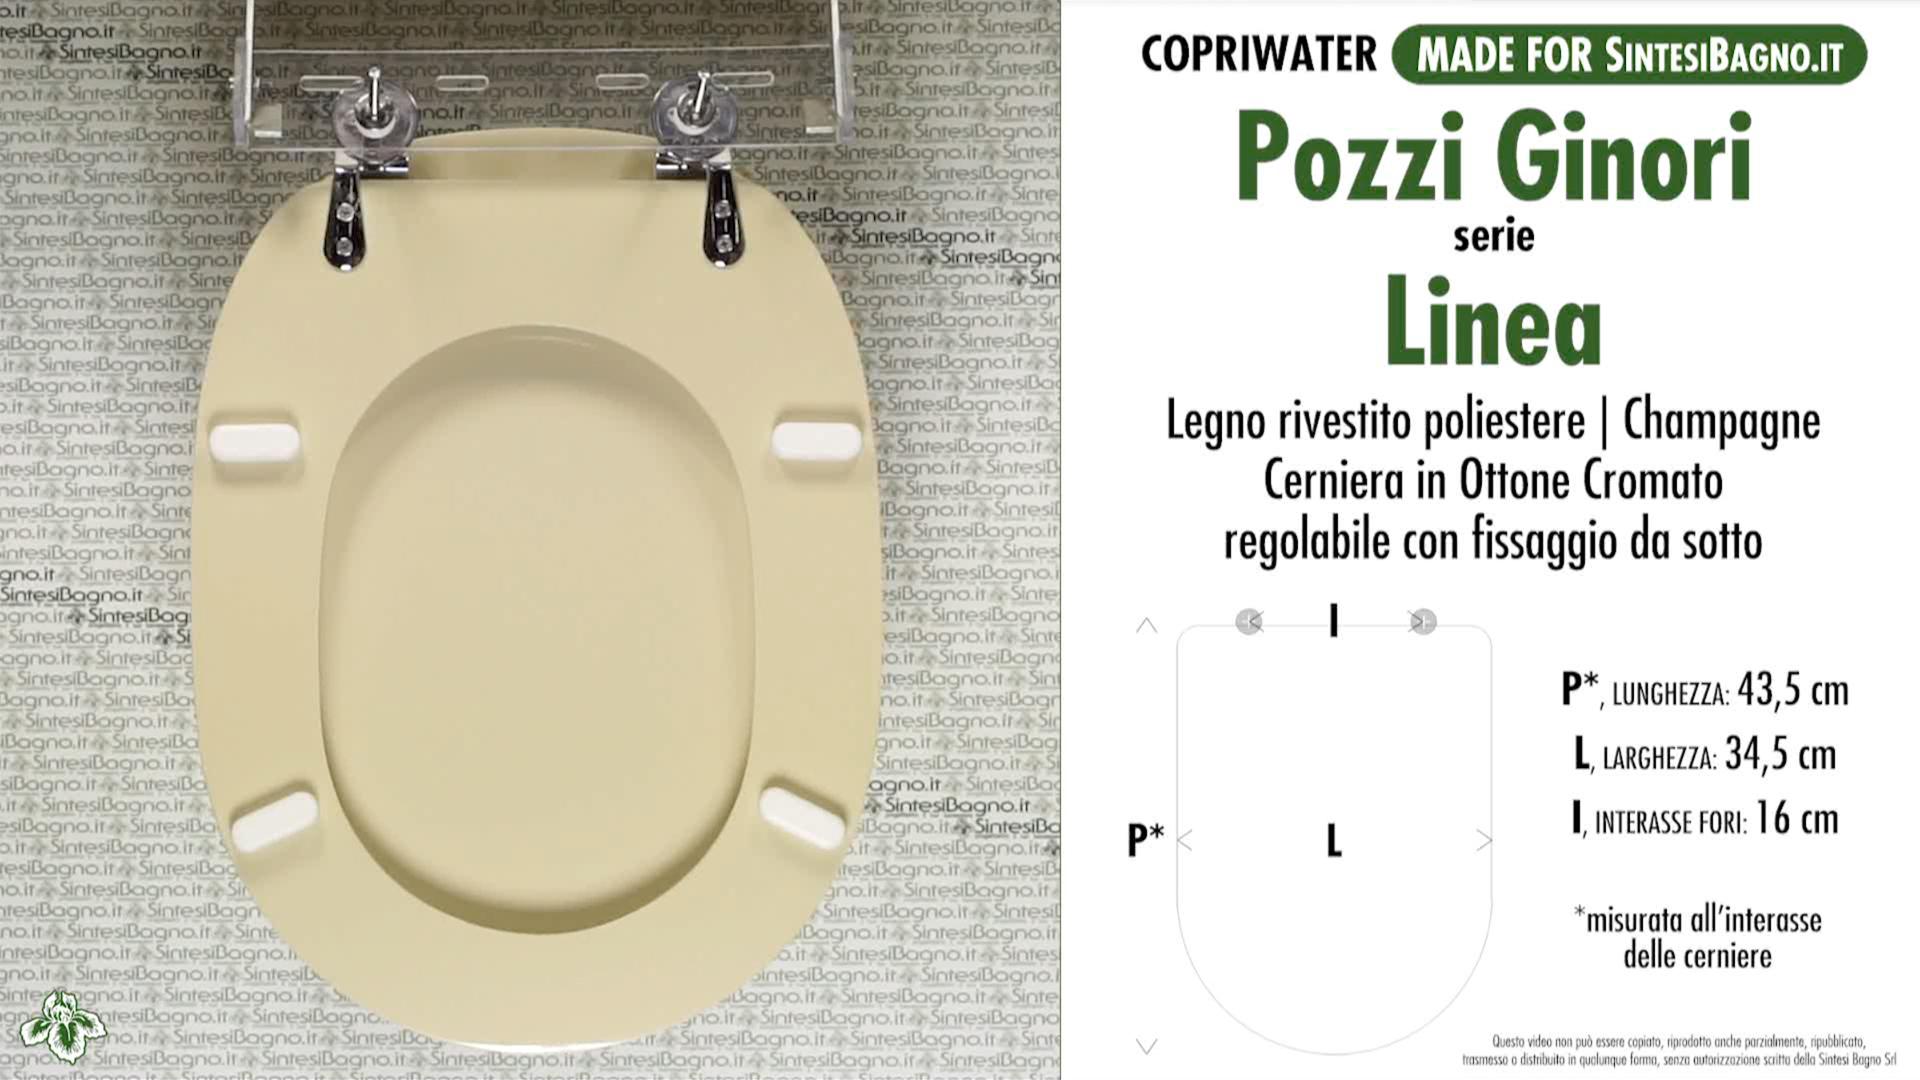 Copriwater coprivaso compatibile serie Ipsilon Azienda Pozzi Ginori